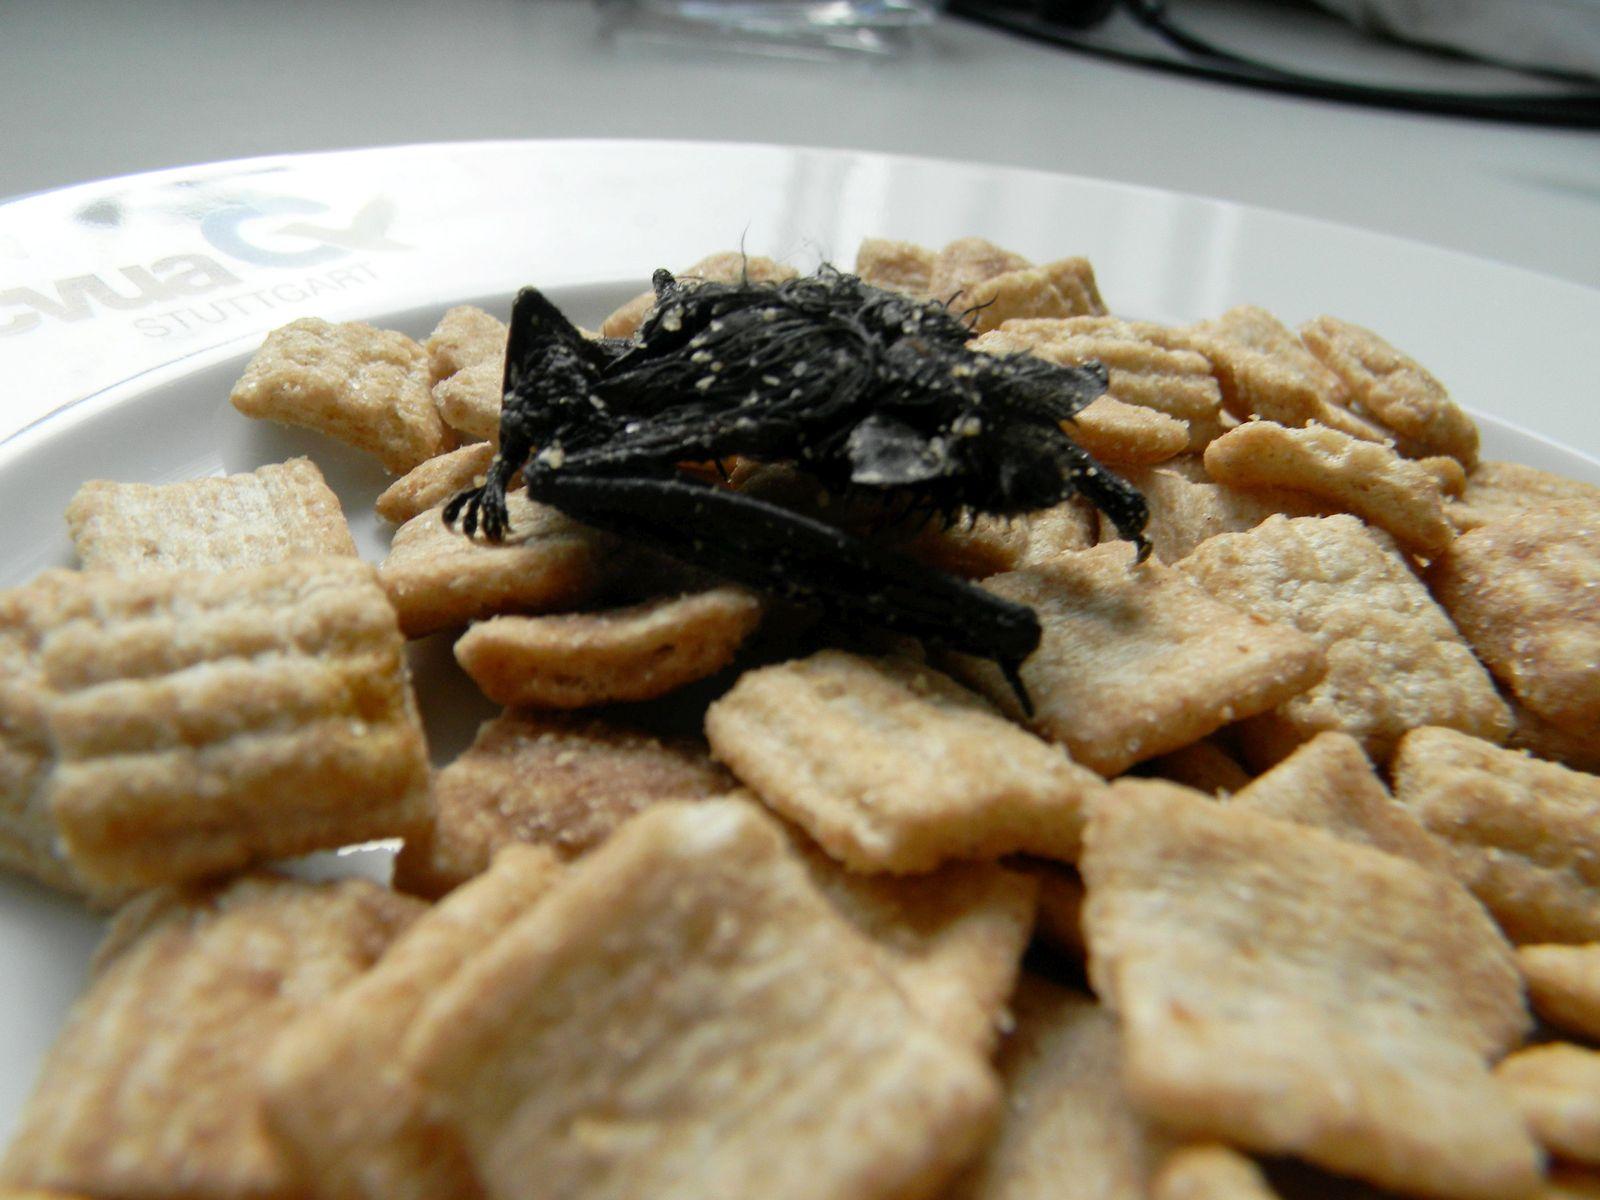 Mumifizierte Fledermaus in Cornflakespackung